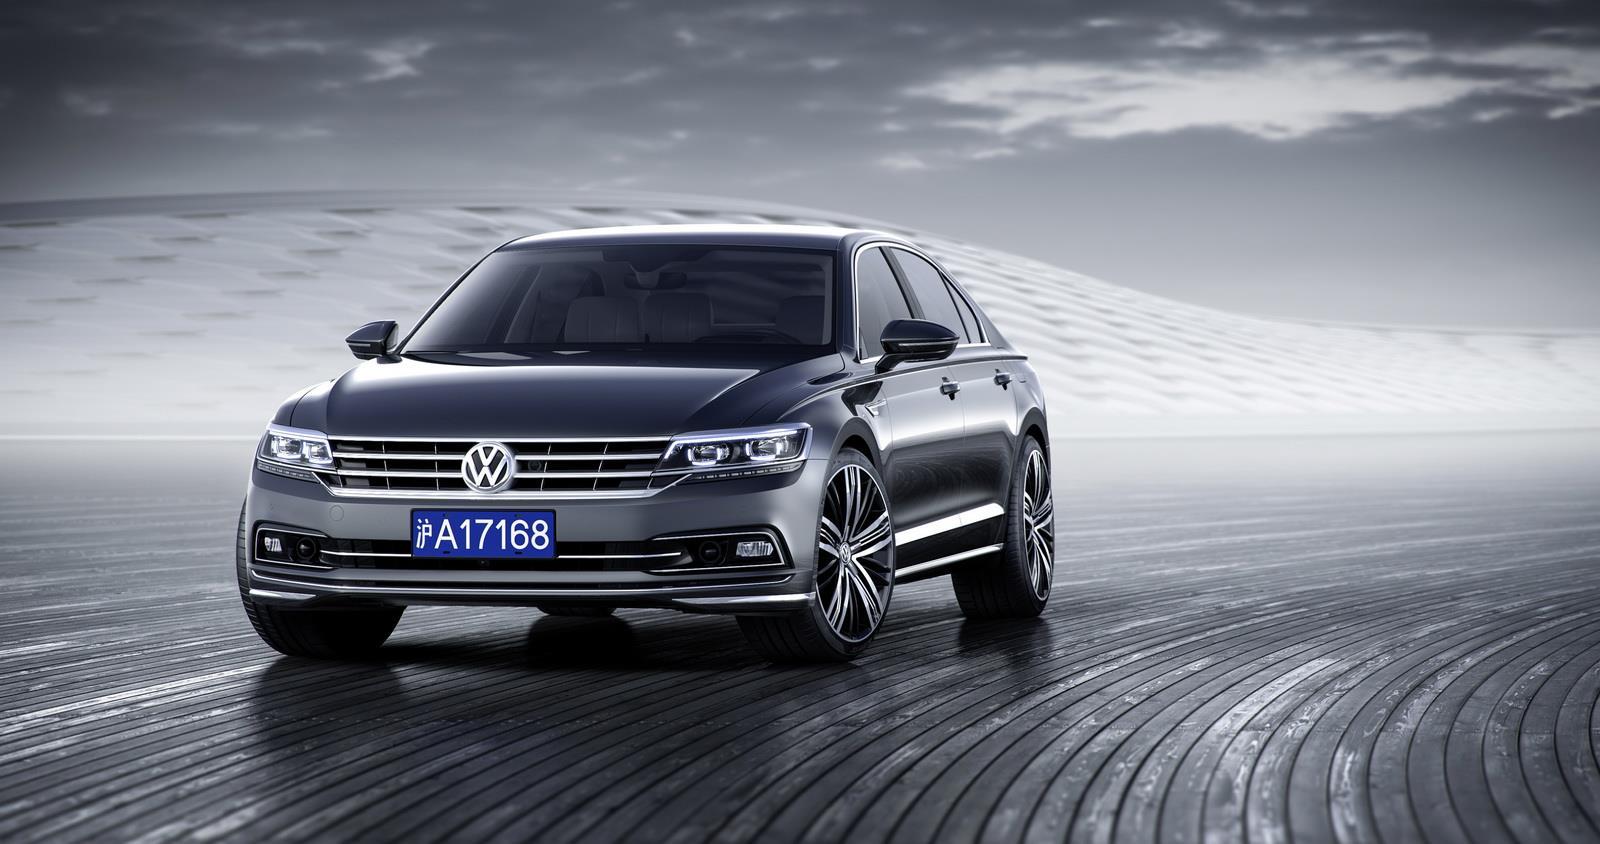 Volkswagen Phideon image gallery